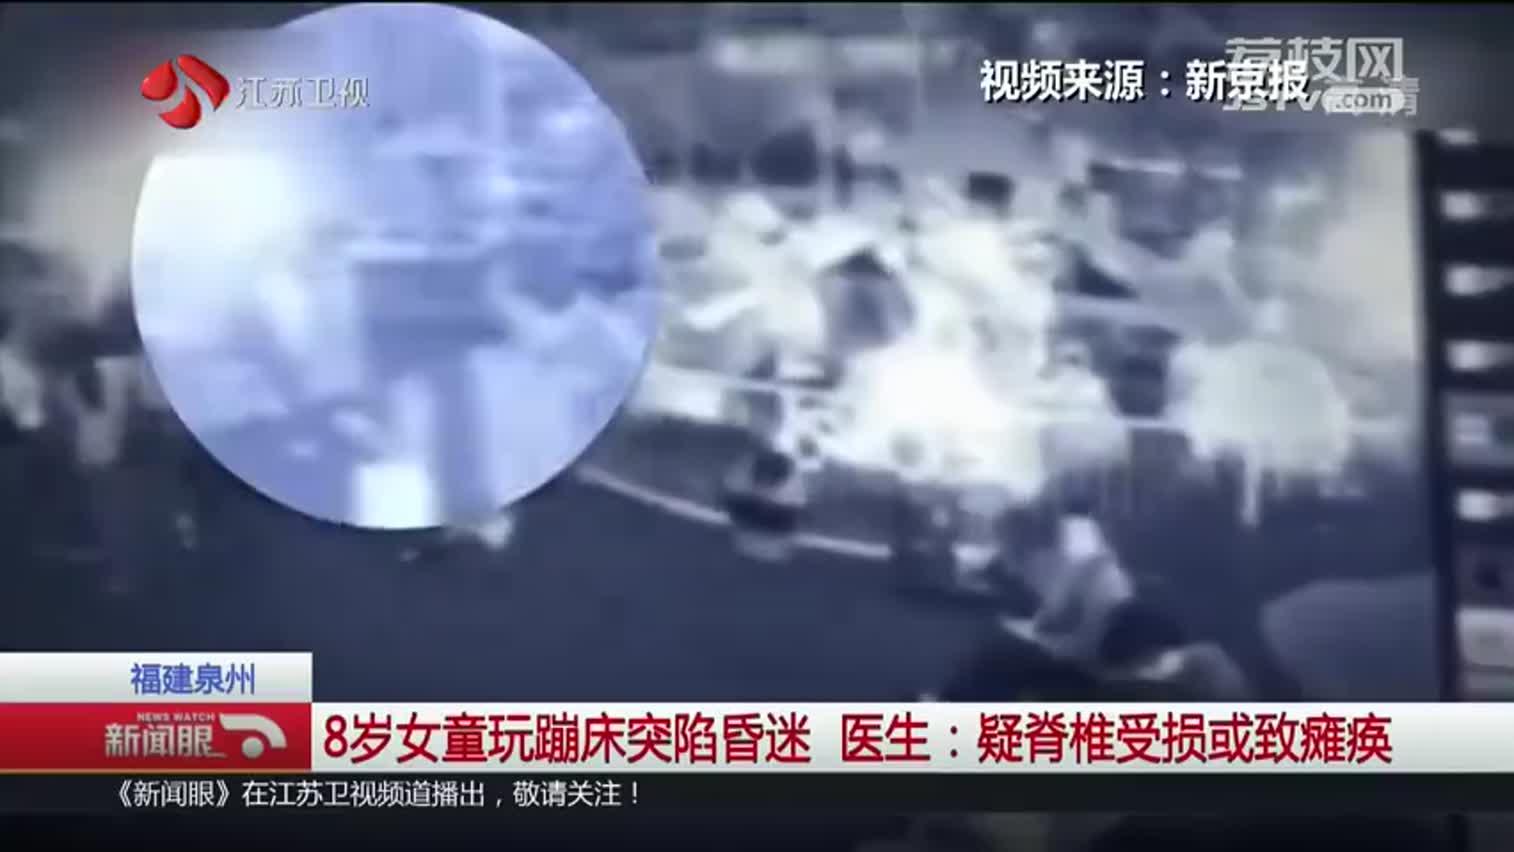 视频-8岁女孩玩蹦床陷昏迷 医生:疑脊椎受损 瘫